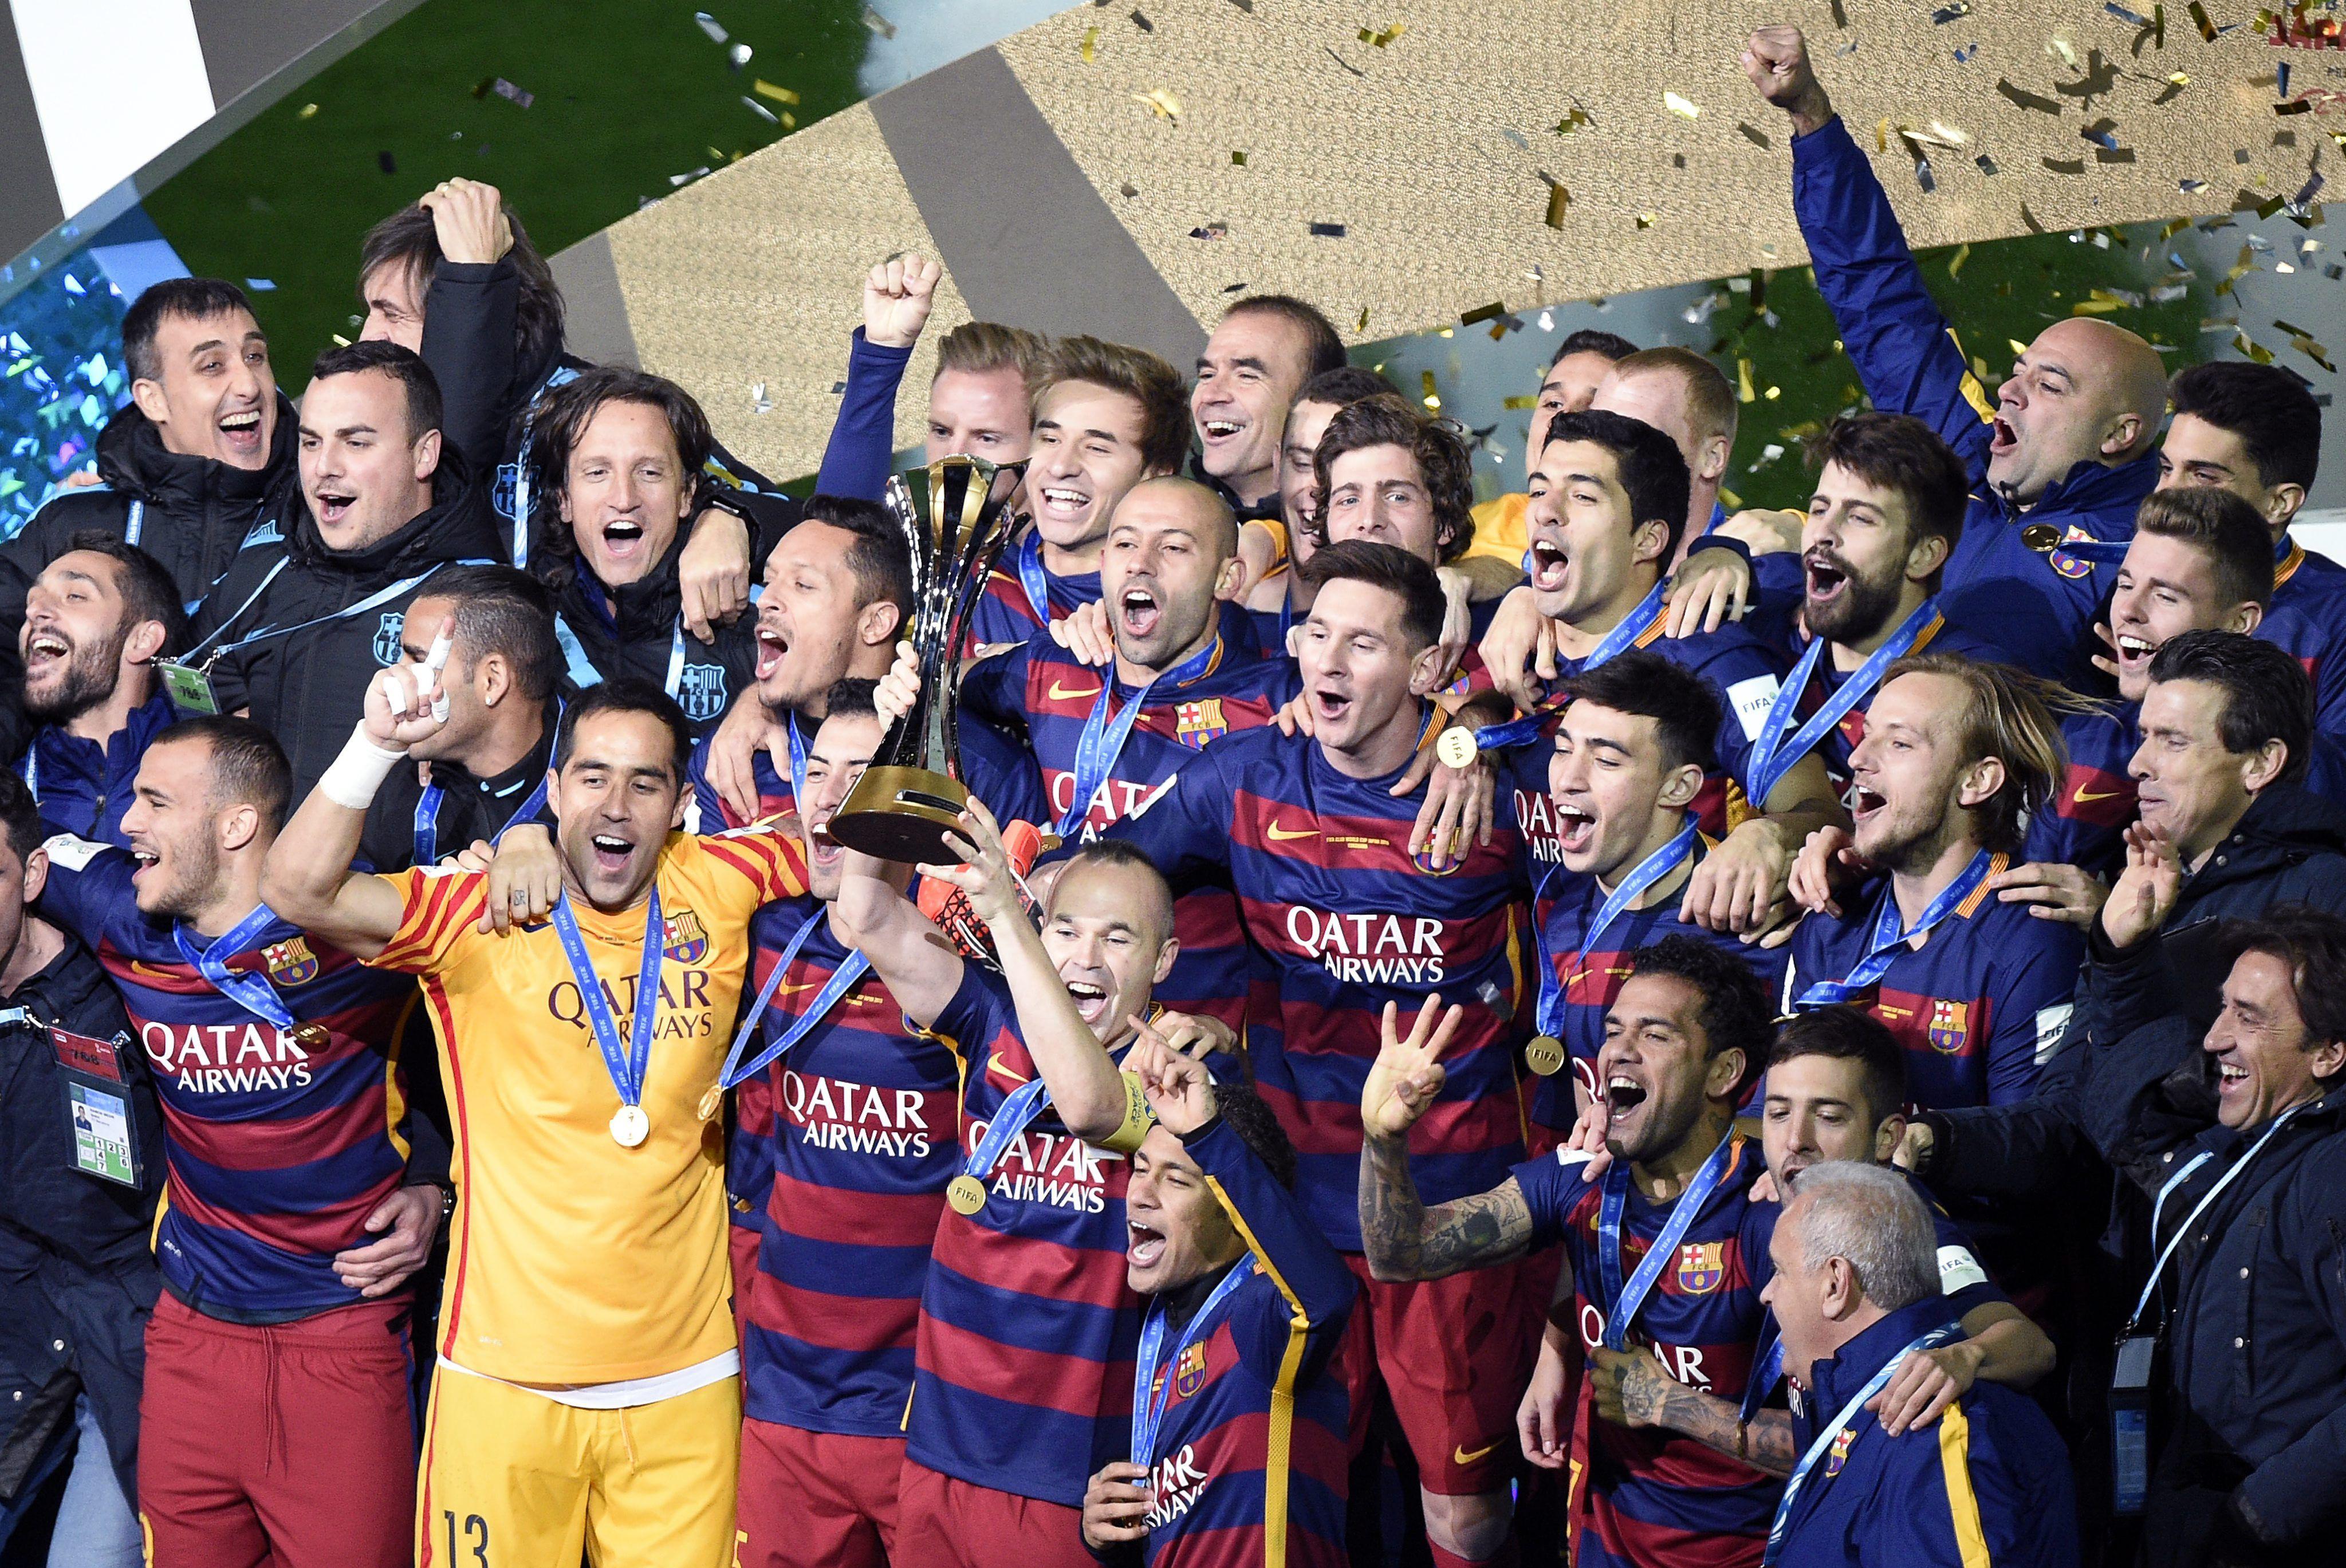 El triunfo del Barcelona ante River, en imágenes